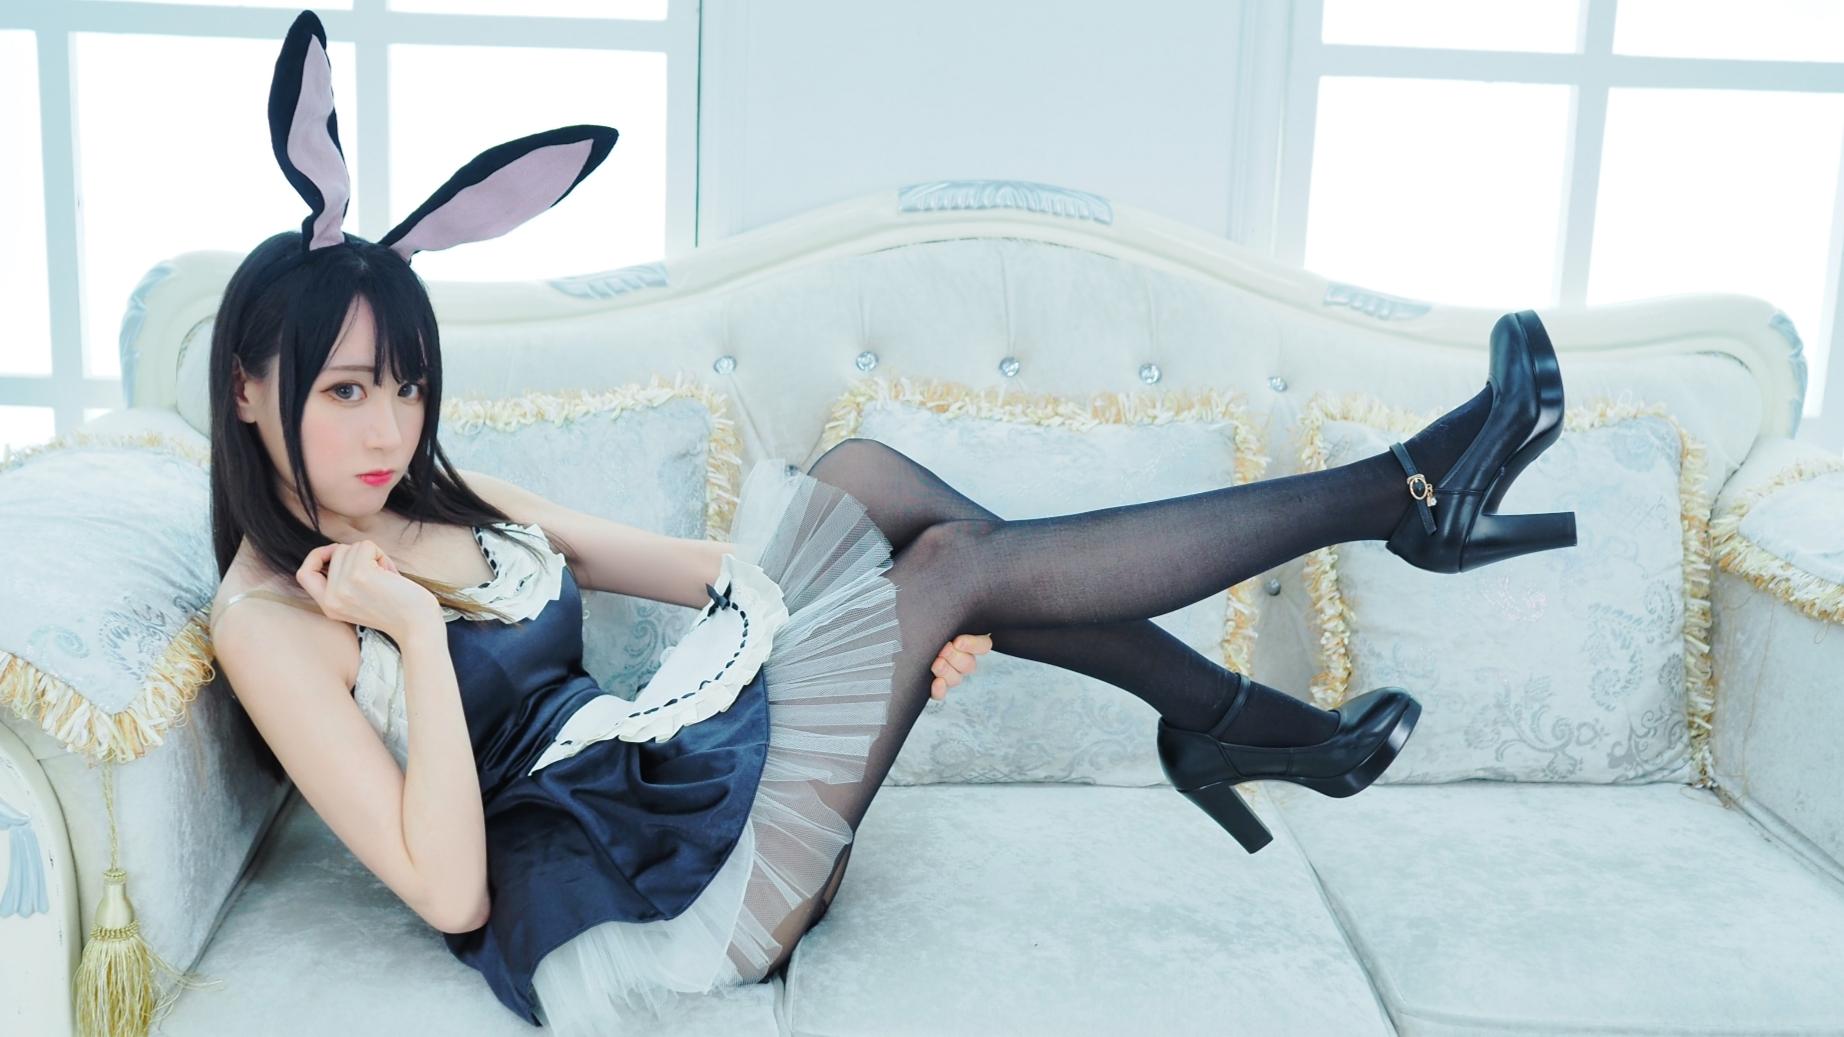 【麻衣】Bunny Style 兔子先生你的兔女仆在敲门